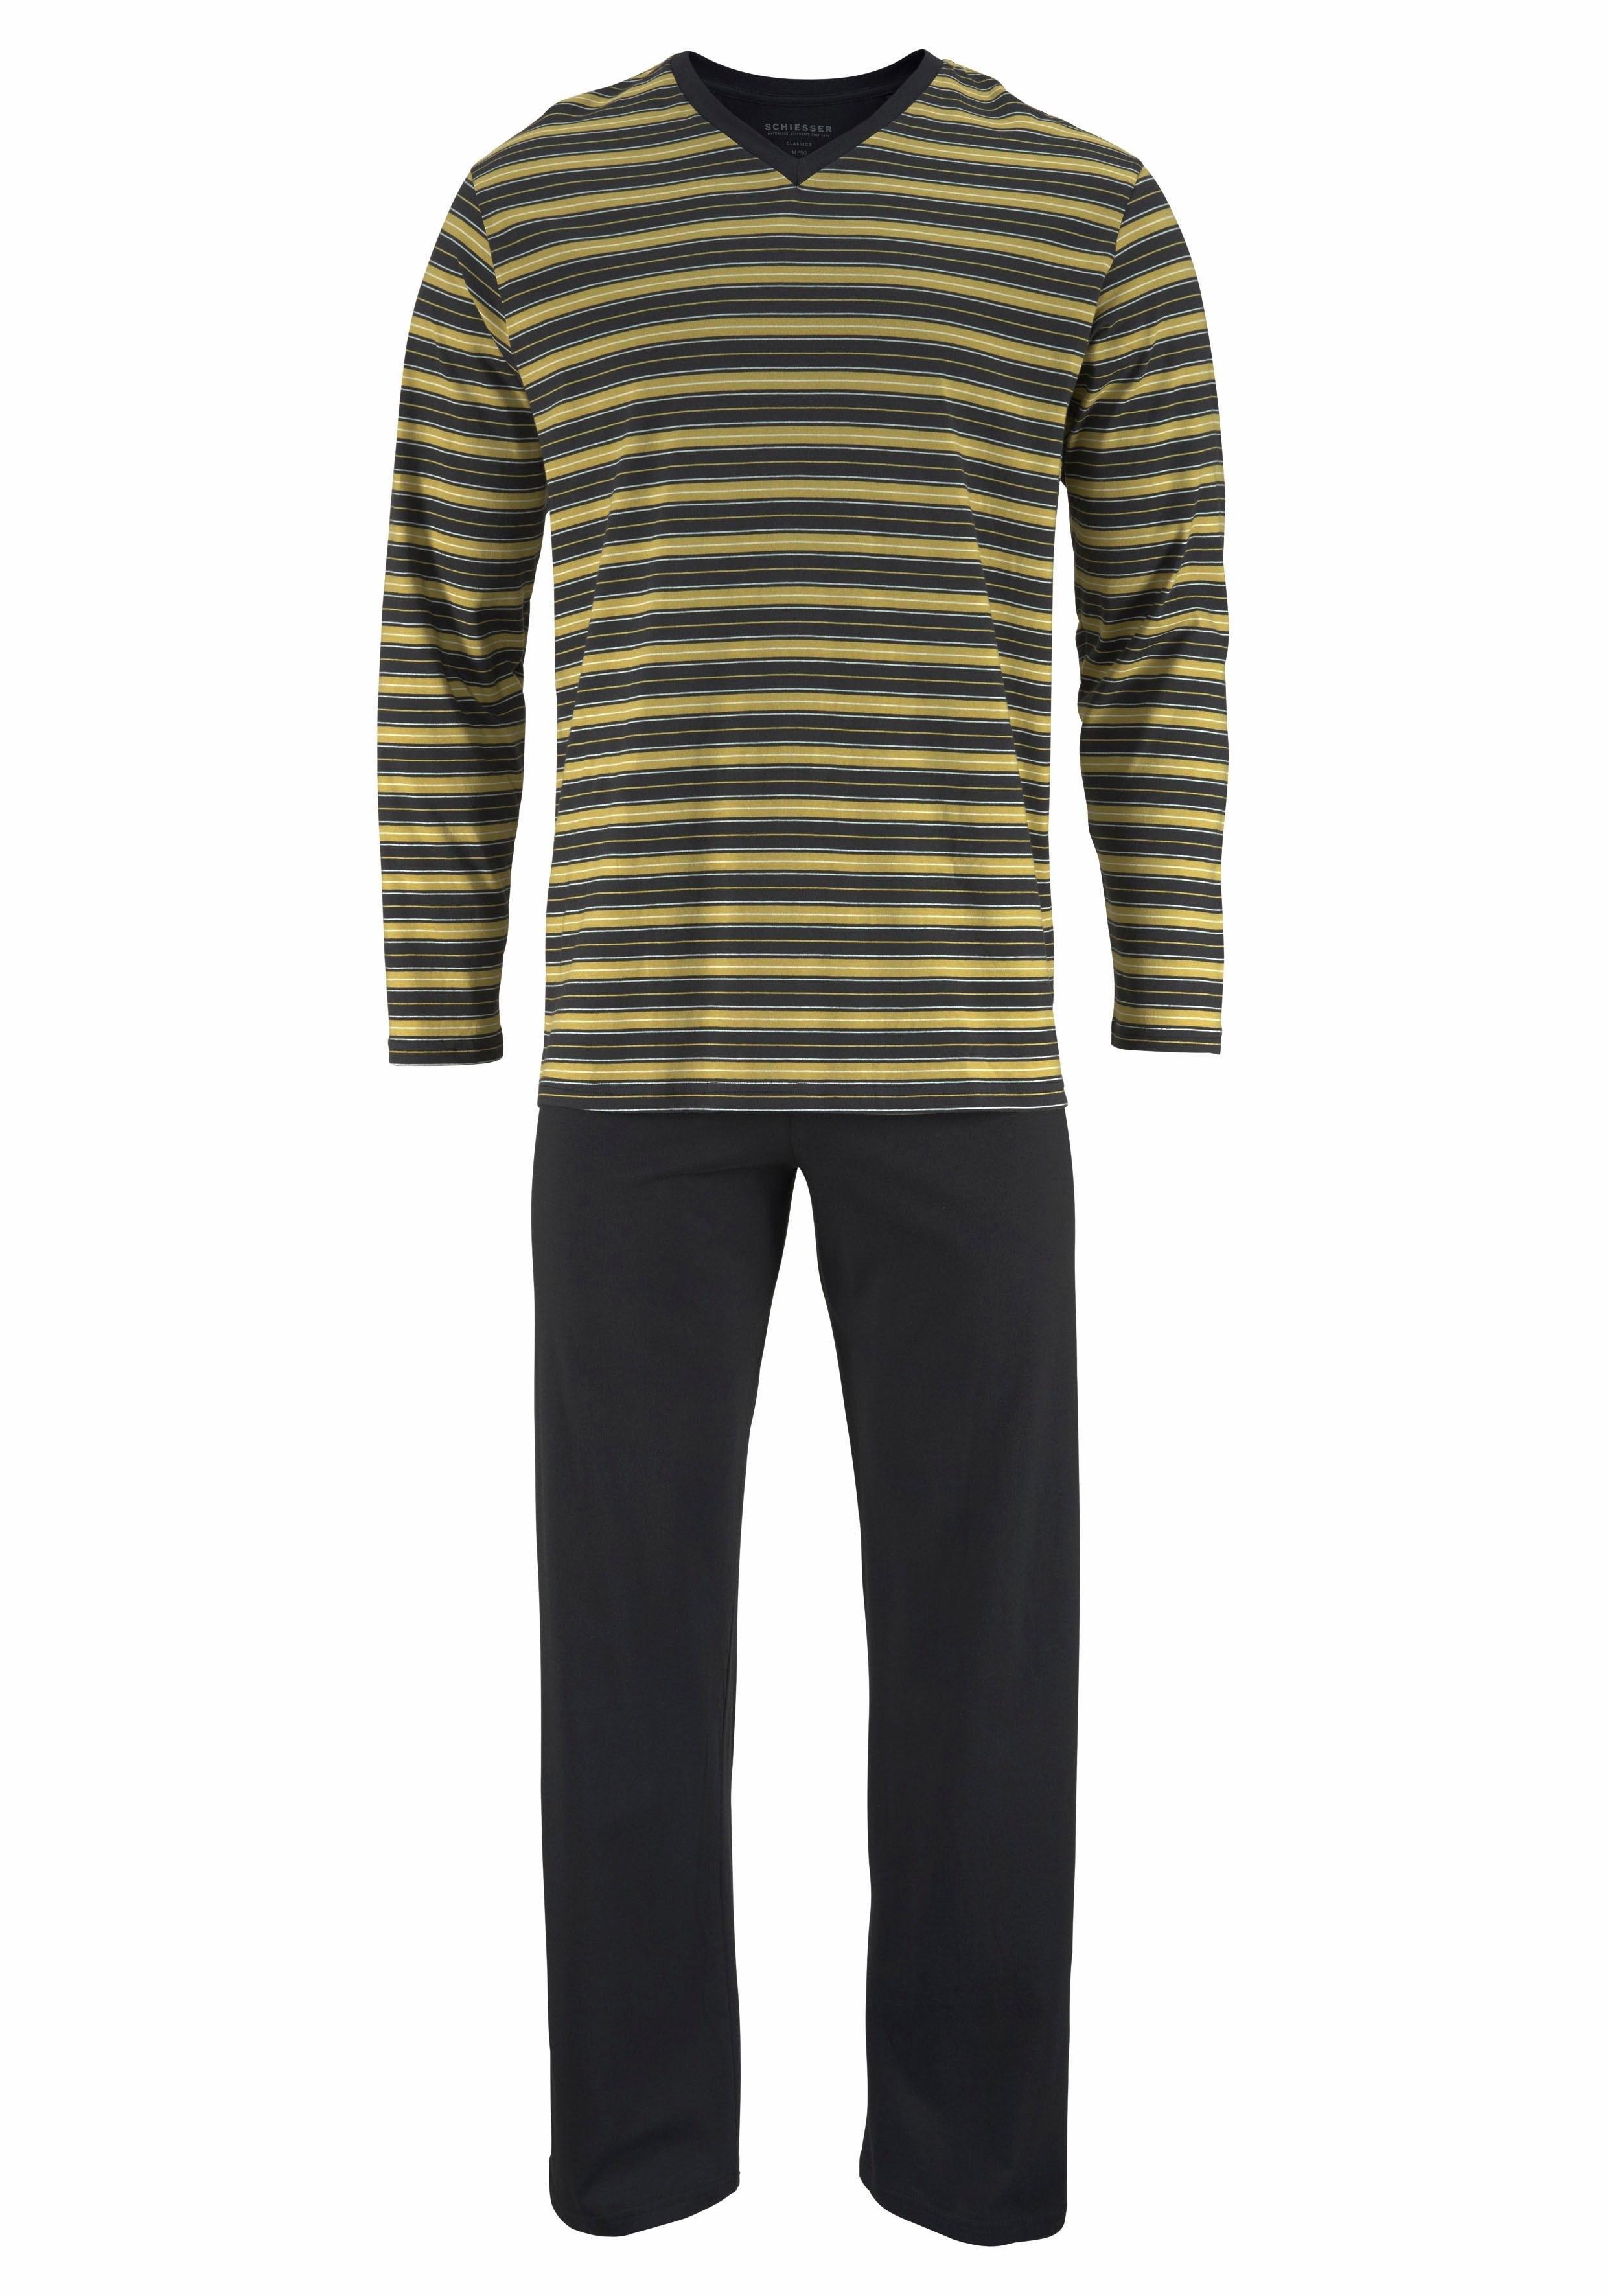 Schiesser gestreepte pyjama lang voordelig en veilig online kopen